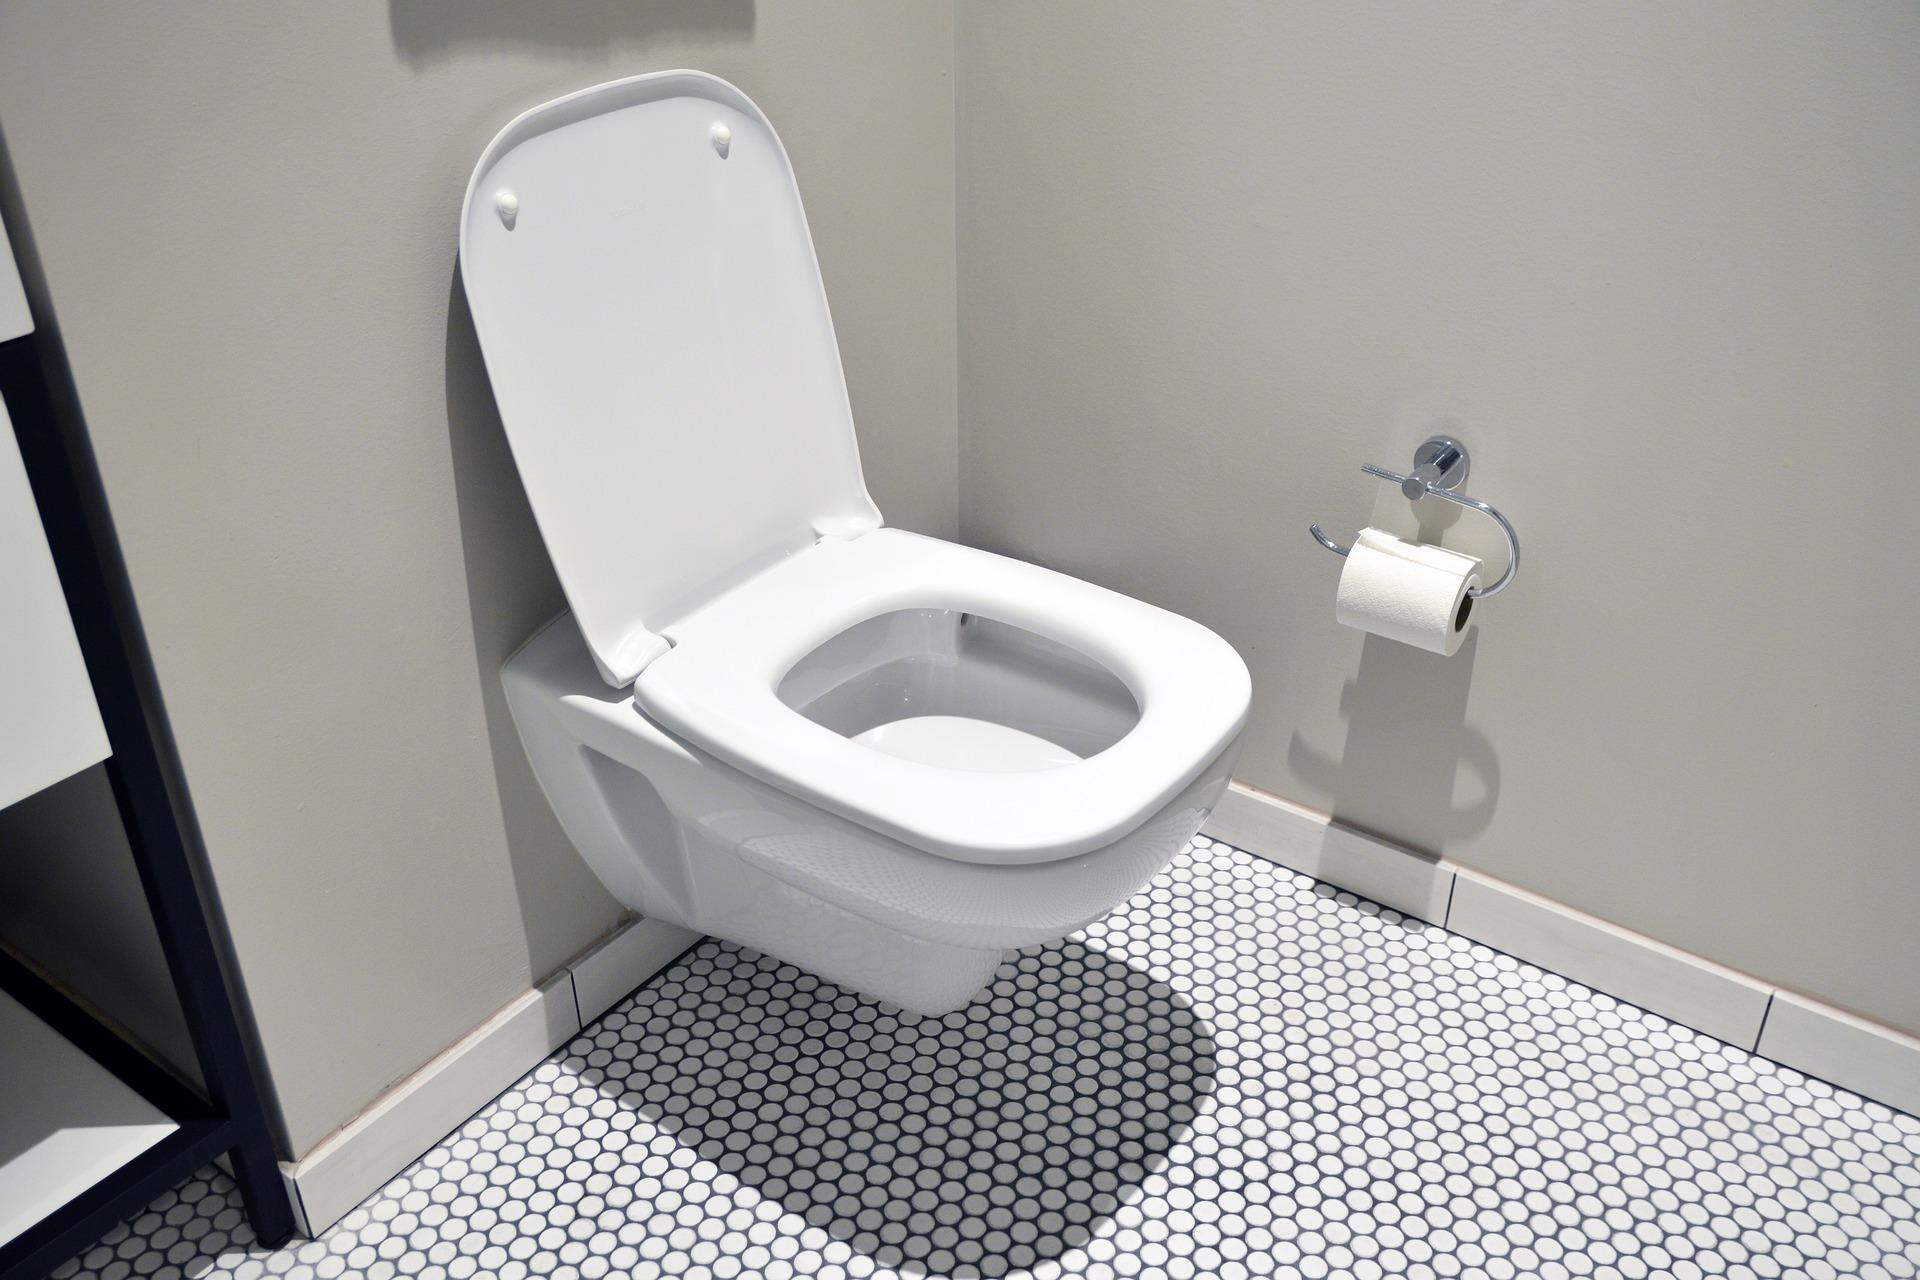 Японские придорожные туалеты научились измерять уровень усталости